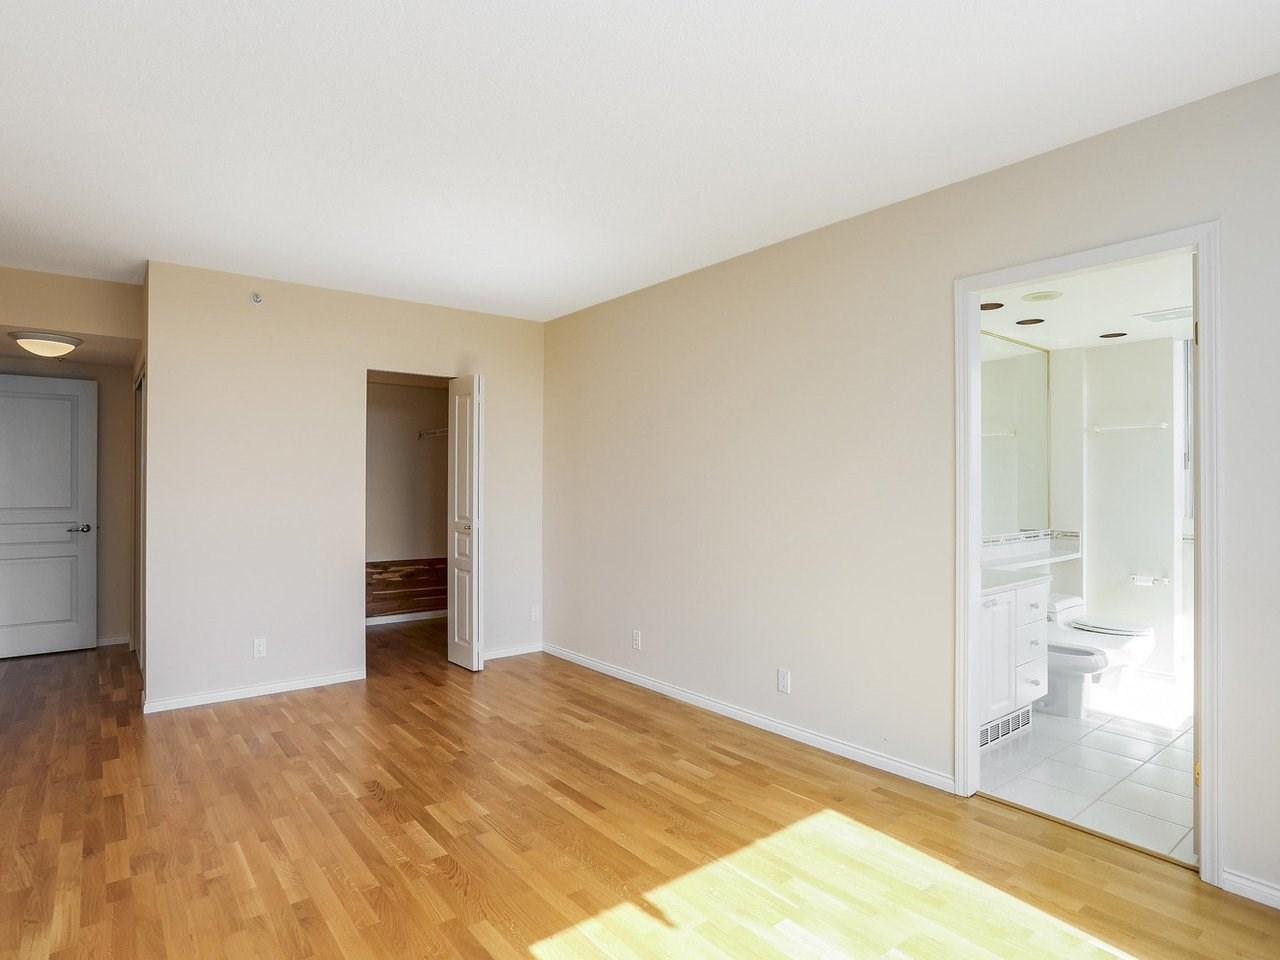 Condo Apartment at 1704 5775 HAMPTON PLACE, Unit 1704, Vancouver West, British Columbia. Image 9